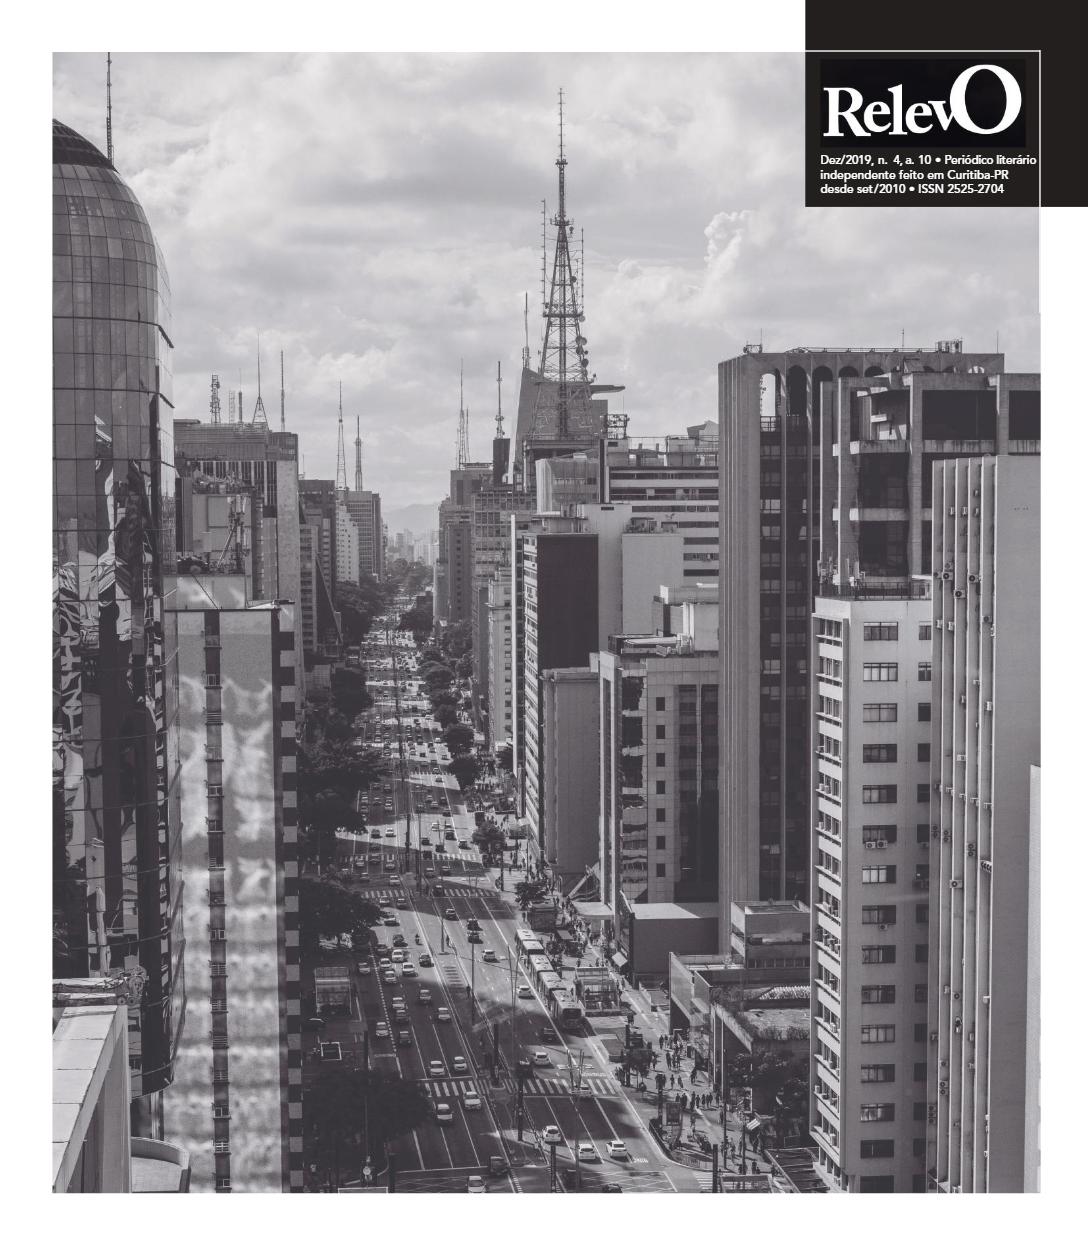 capa Jornal RelevO 12/2019